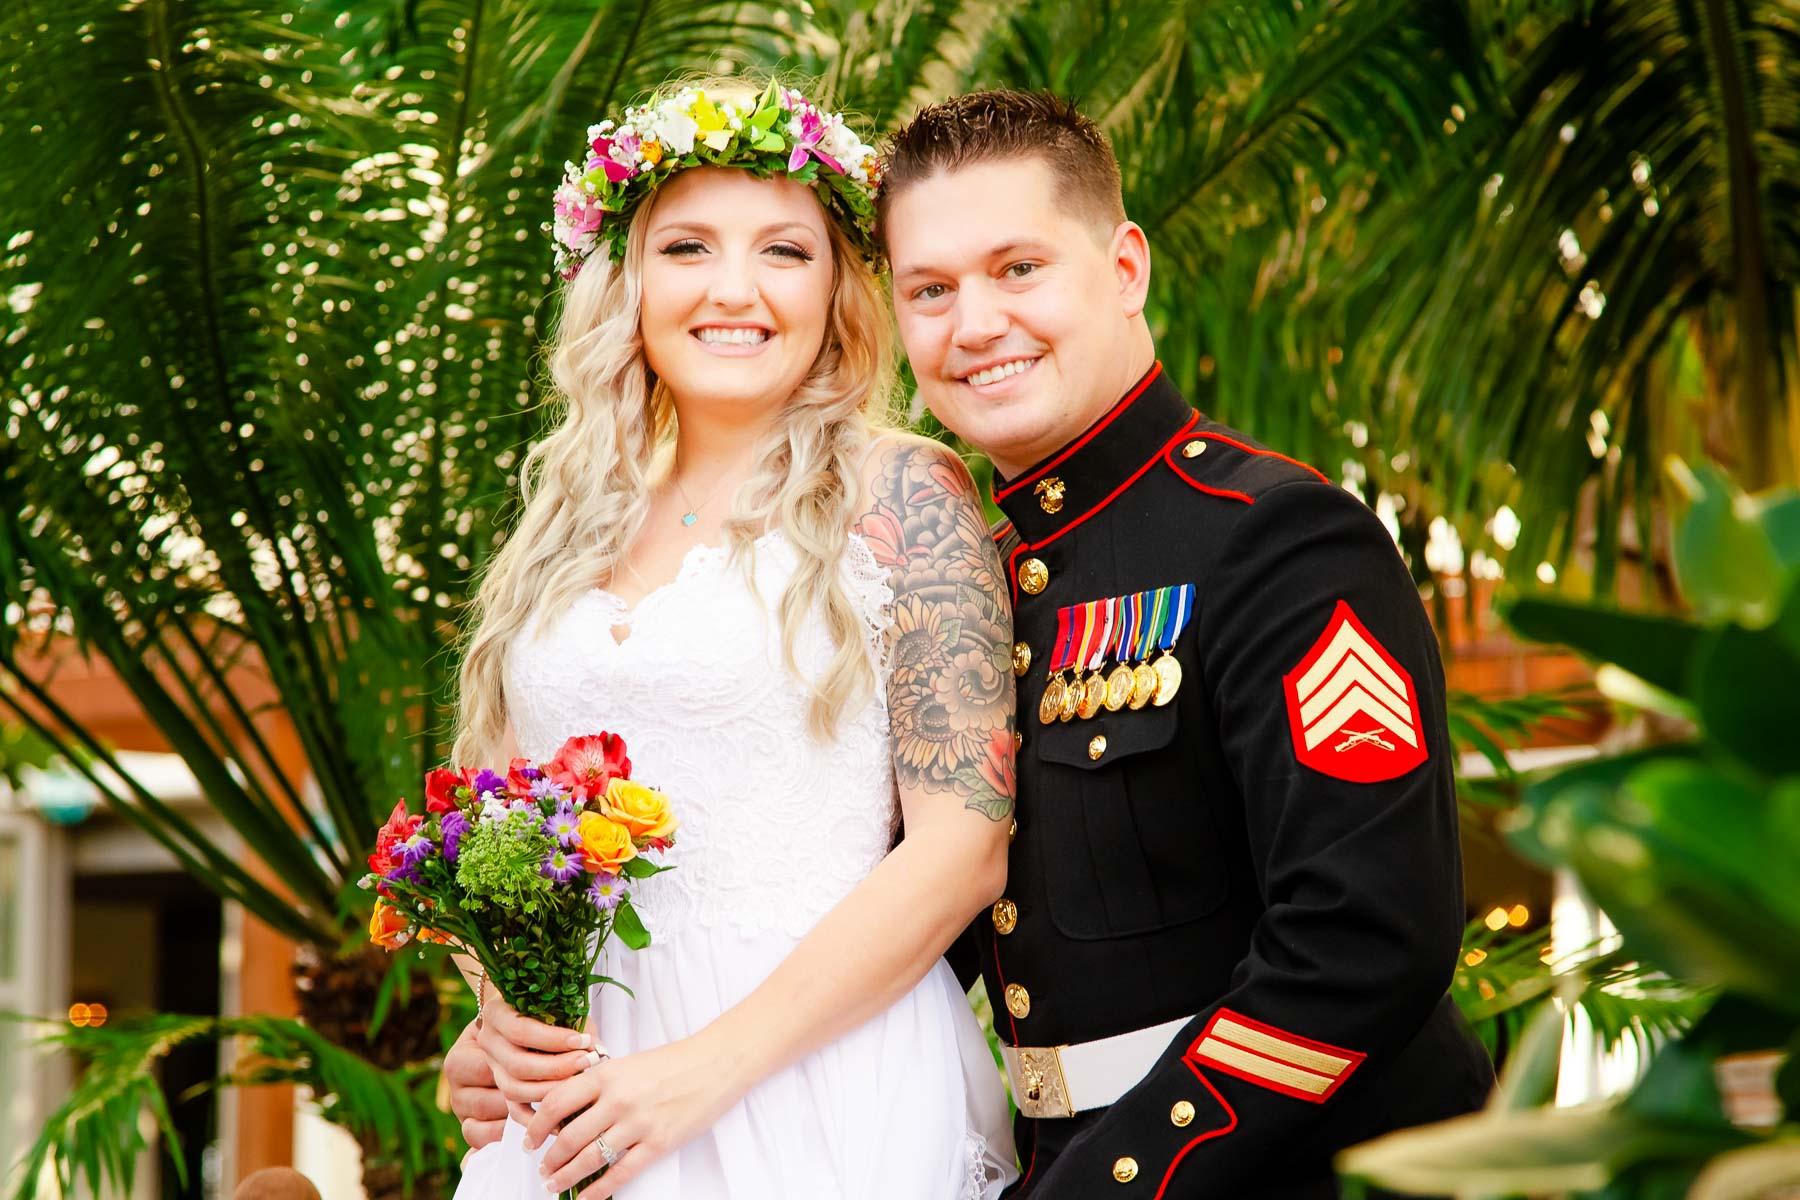 hawaii wedding portraits of bride and groom in garden